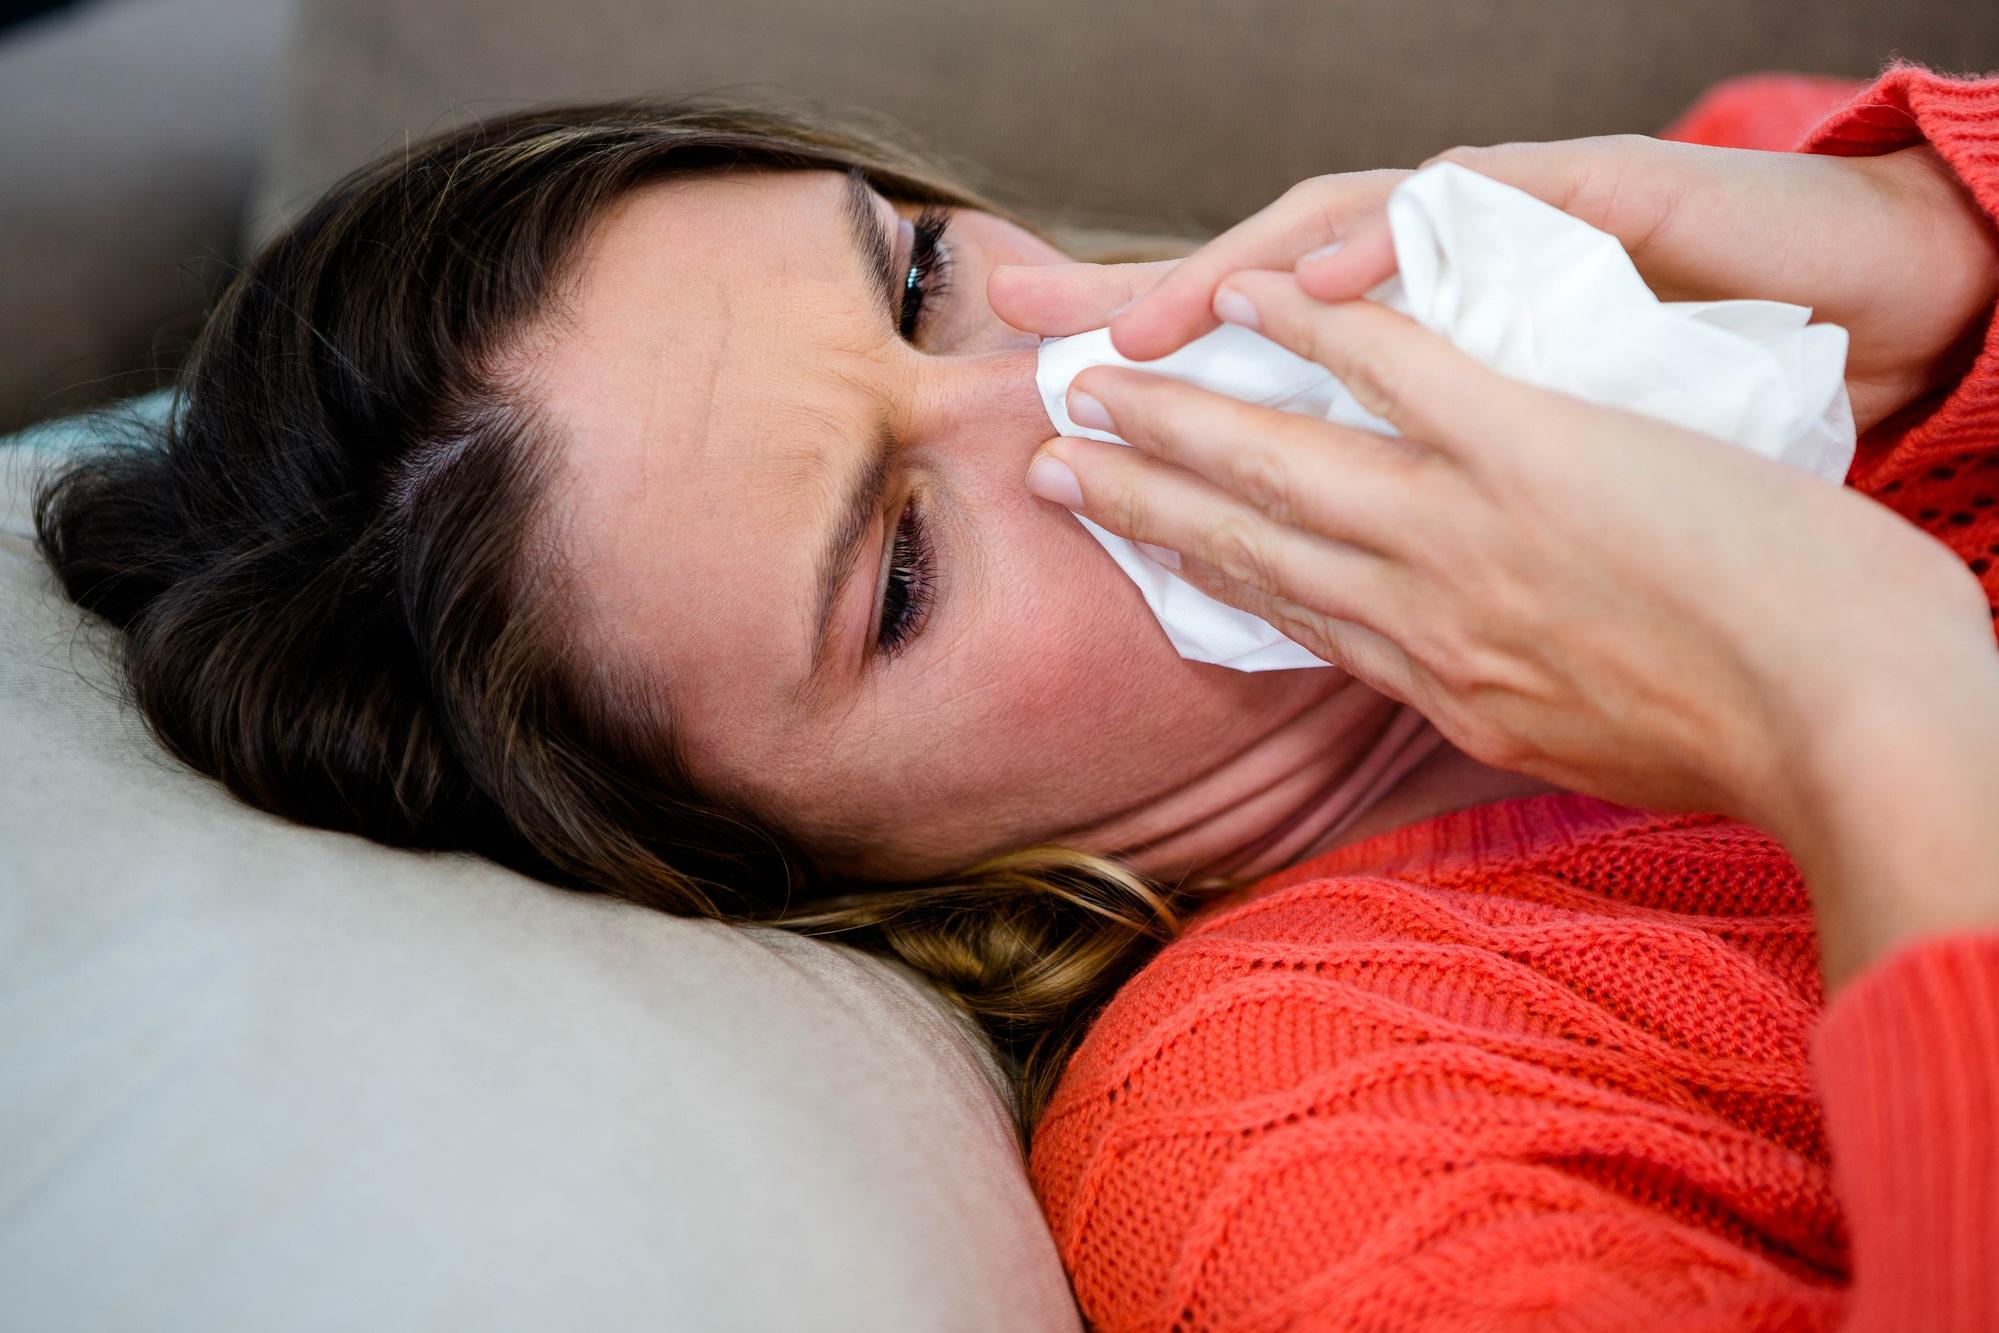 Frau liegend putzt sich die Nase